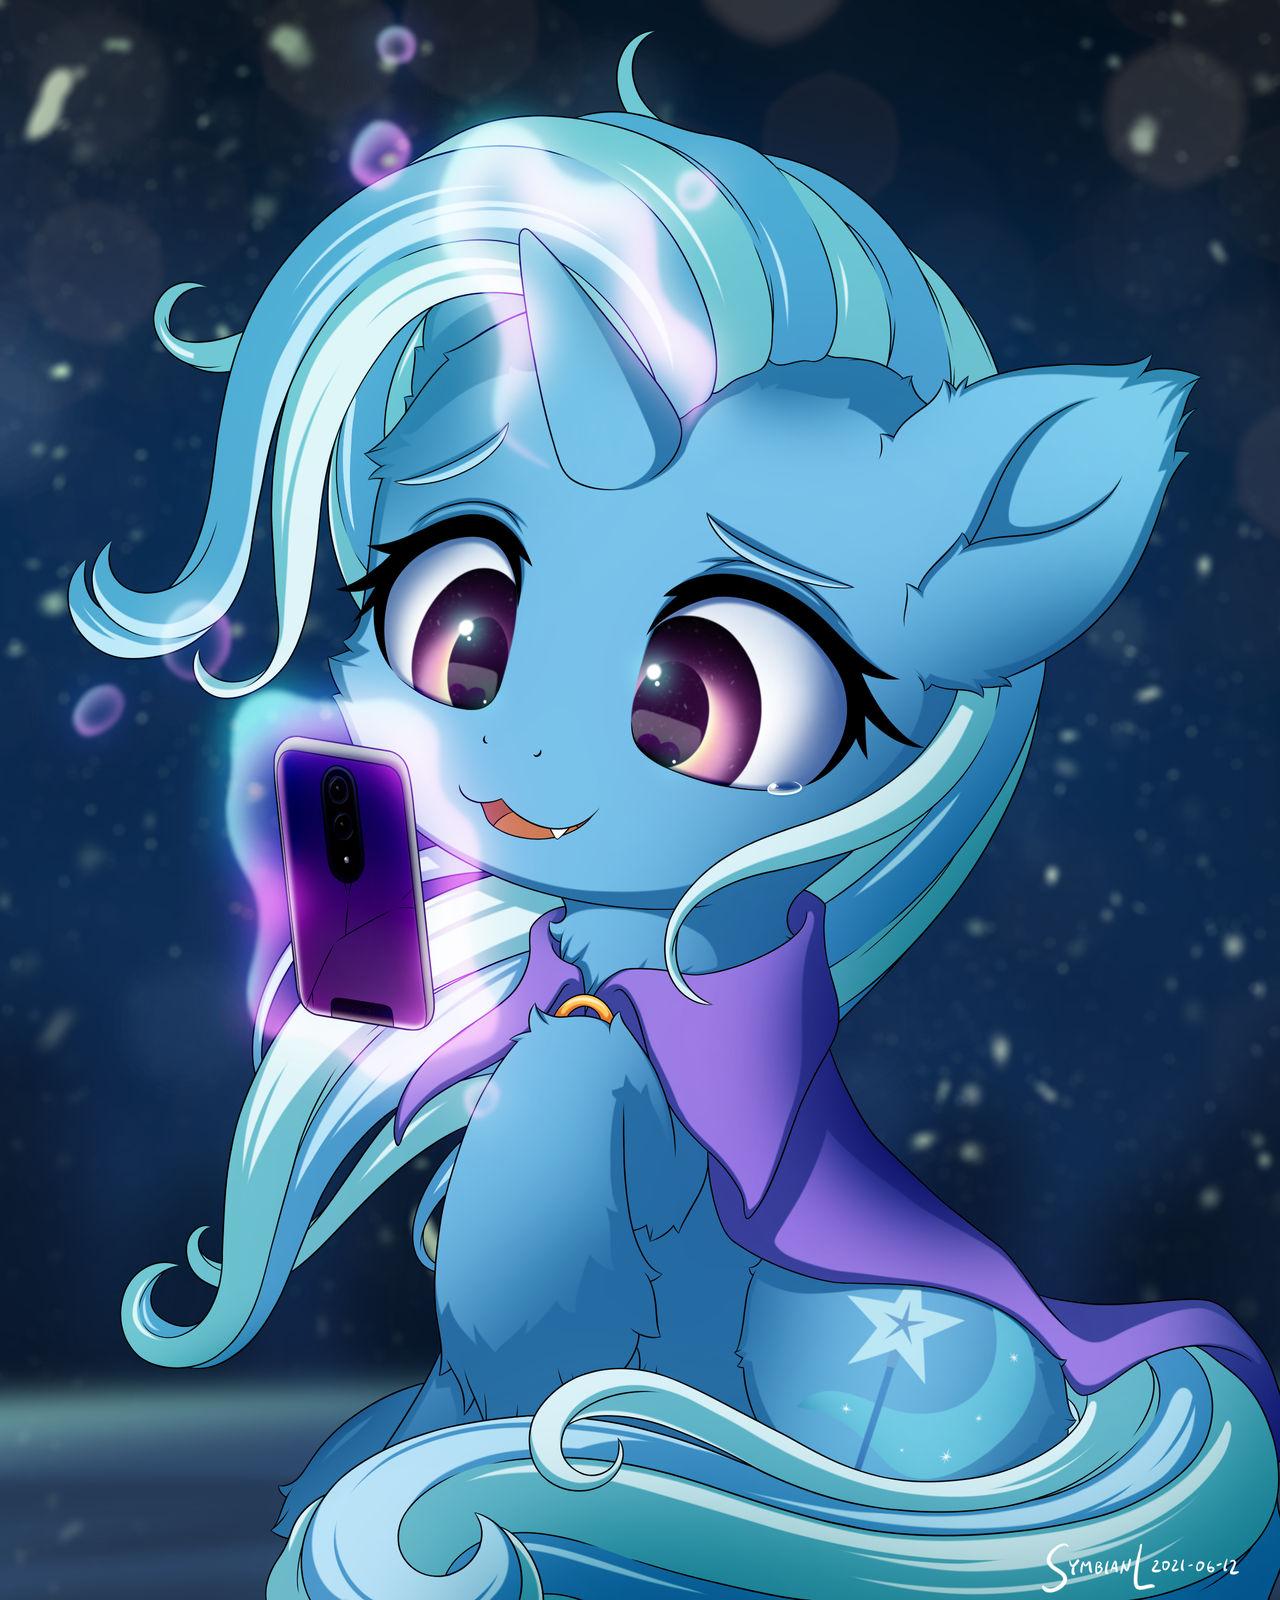 Trixie Sends a Message